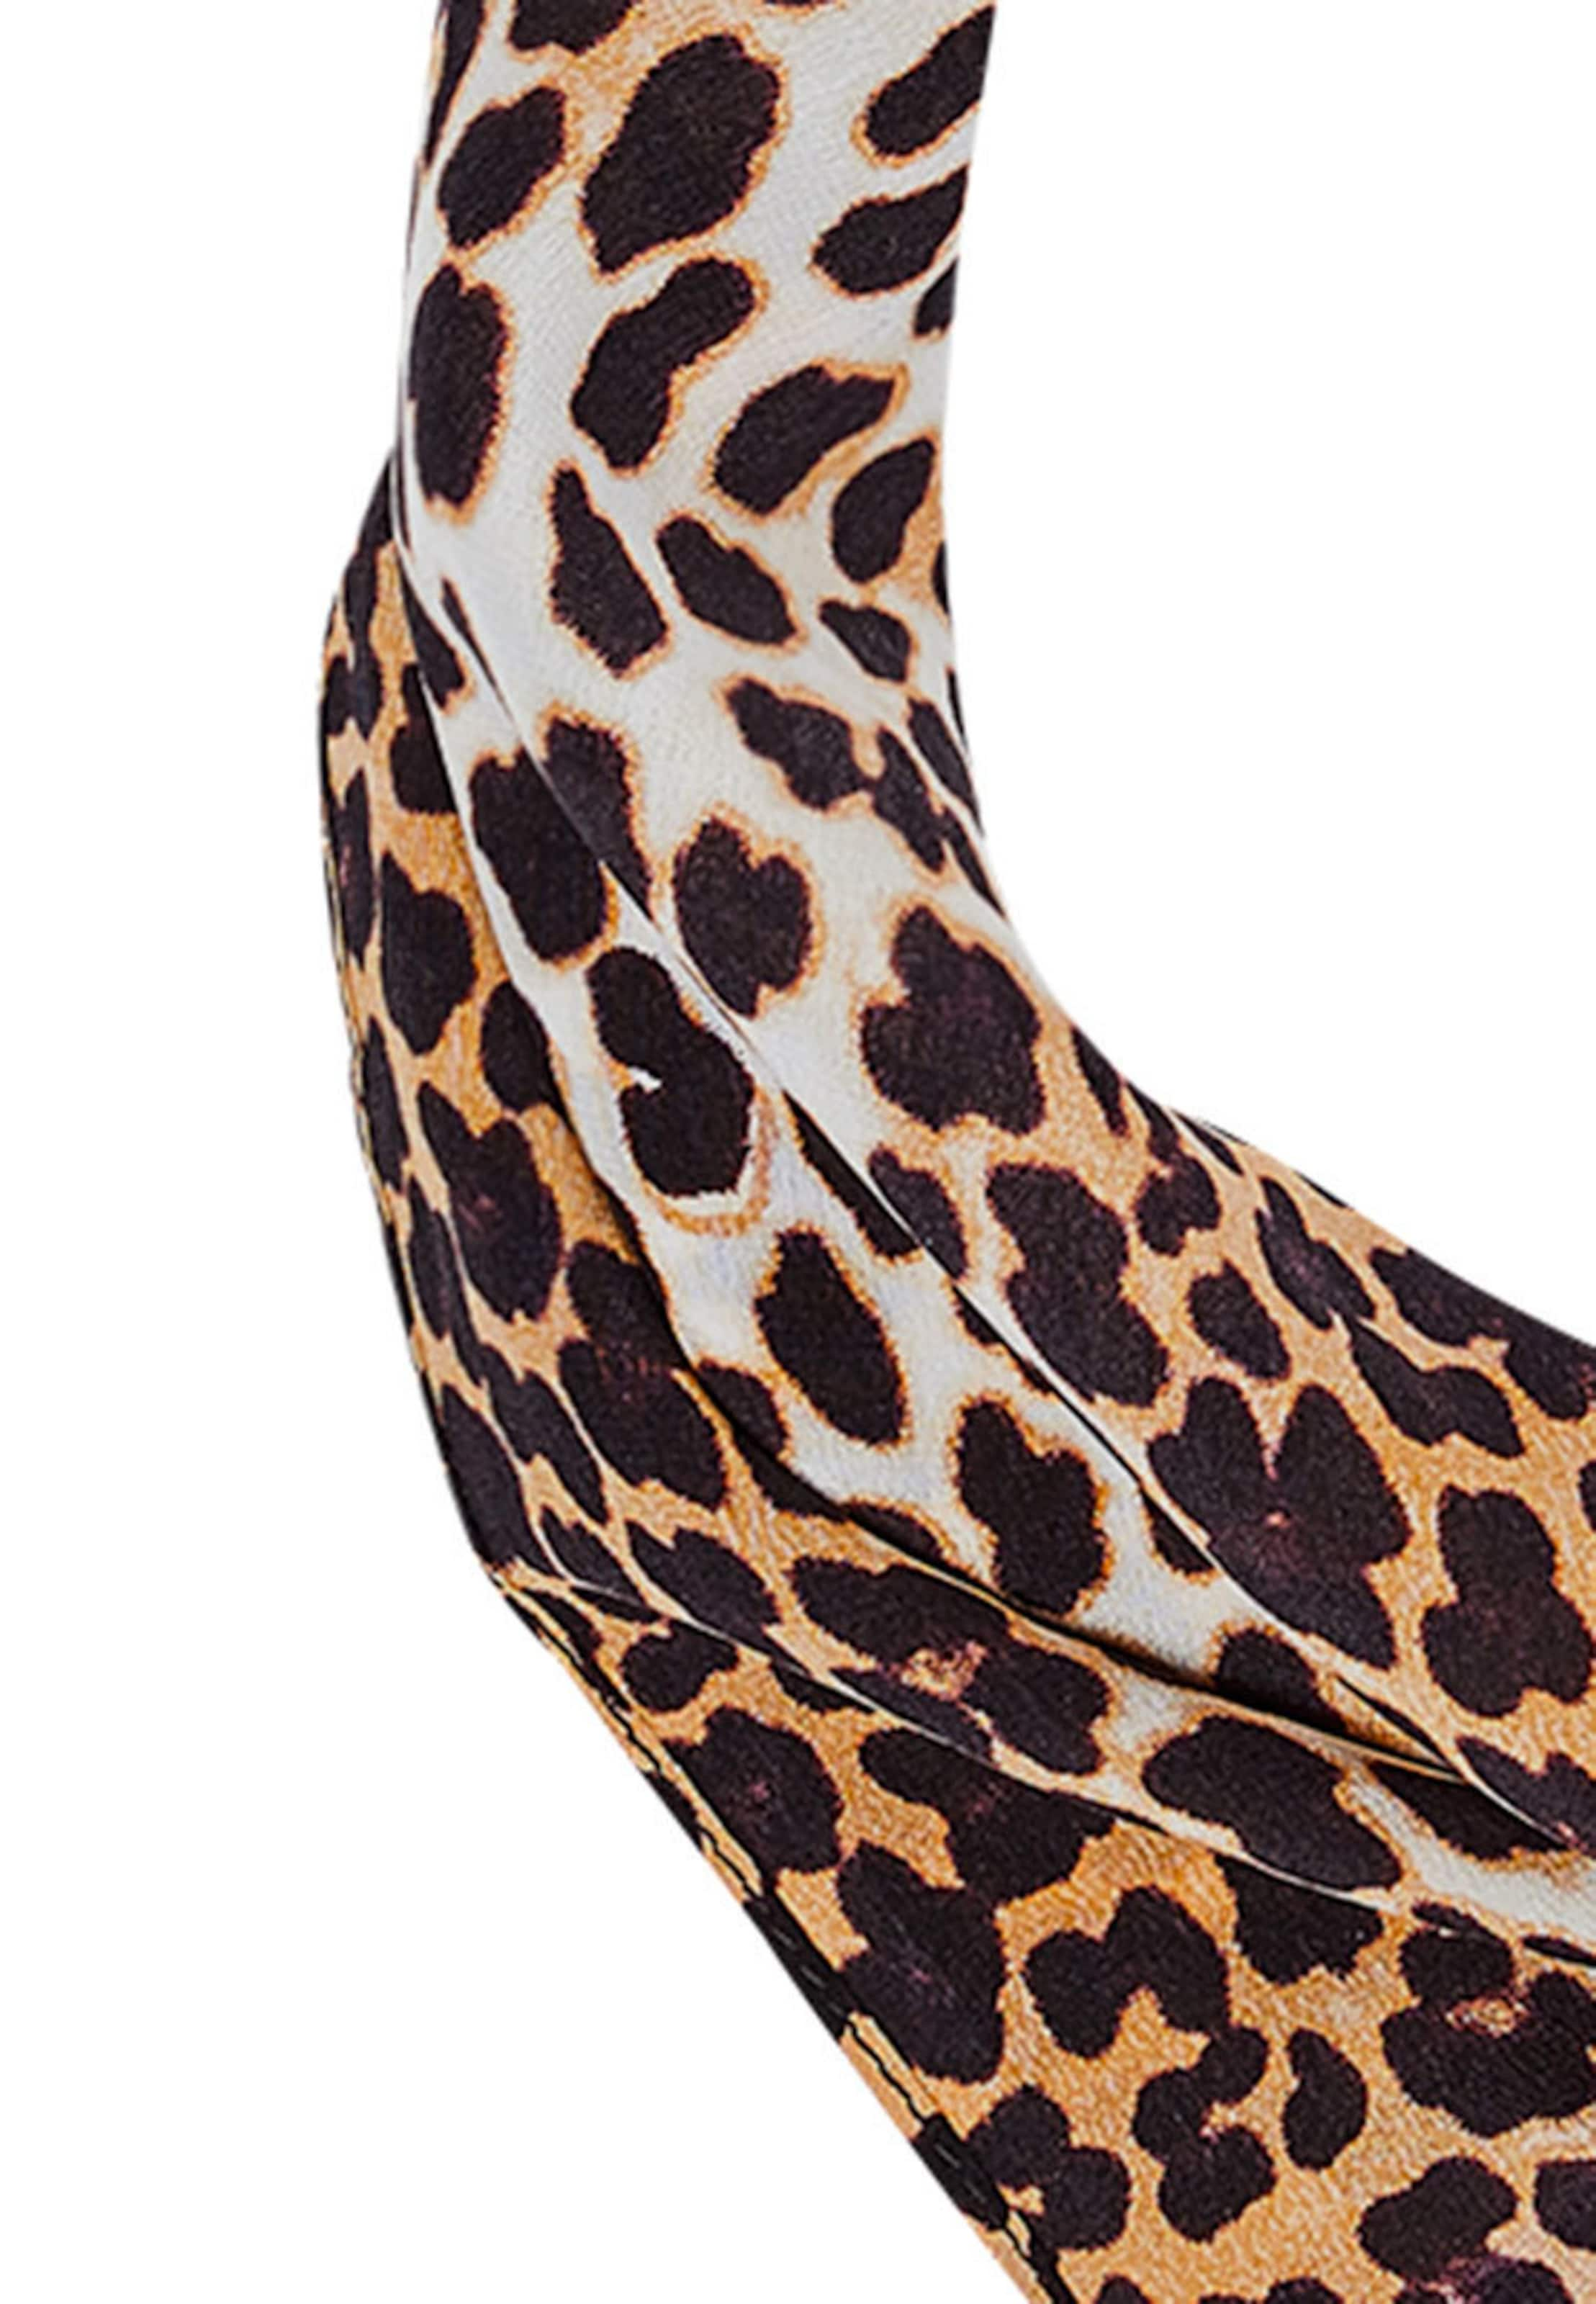 Kaufen Angebot Billig Einkaufen Verkauf Erschwinglich HALLHUBER Seidentuch mit Leoparden-Print fevIu0iM